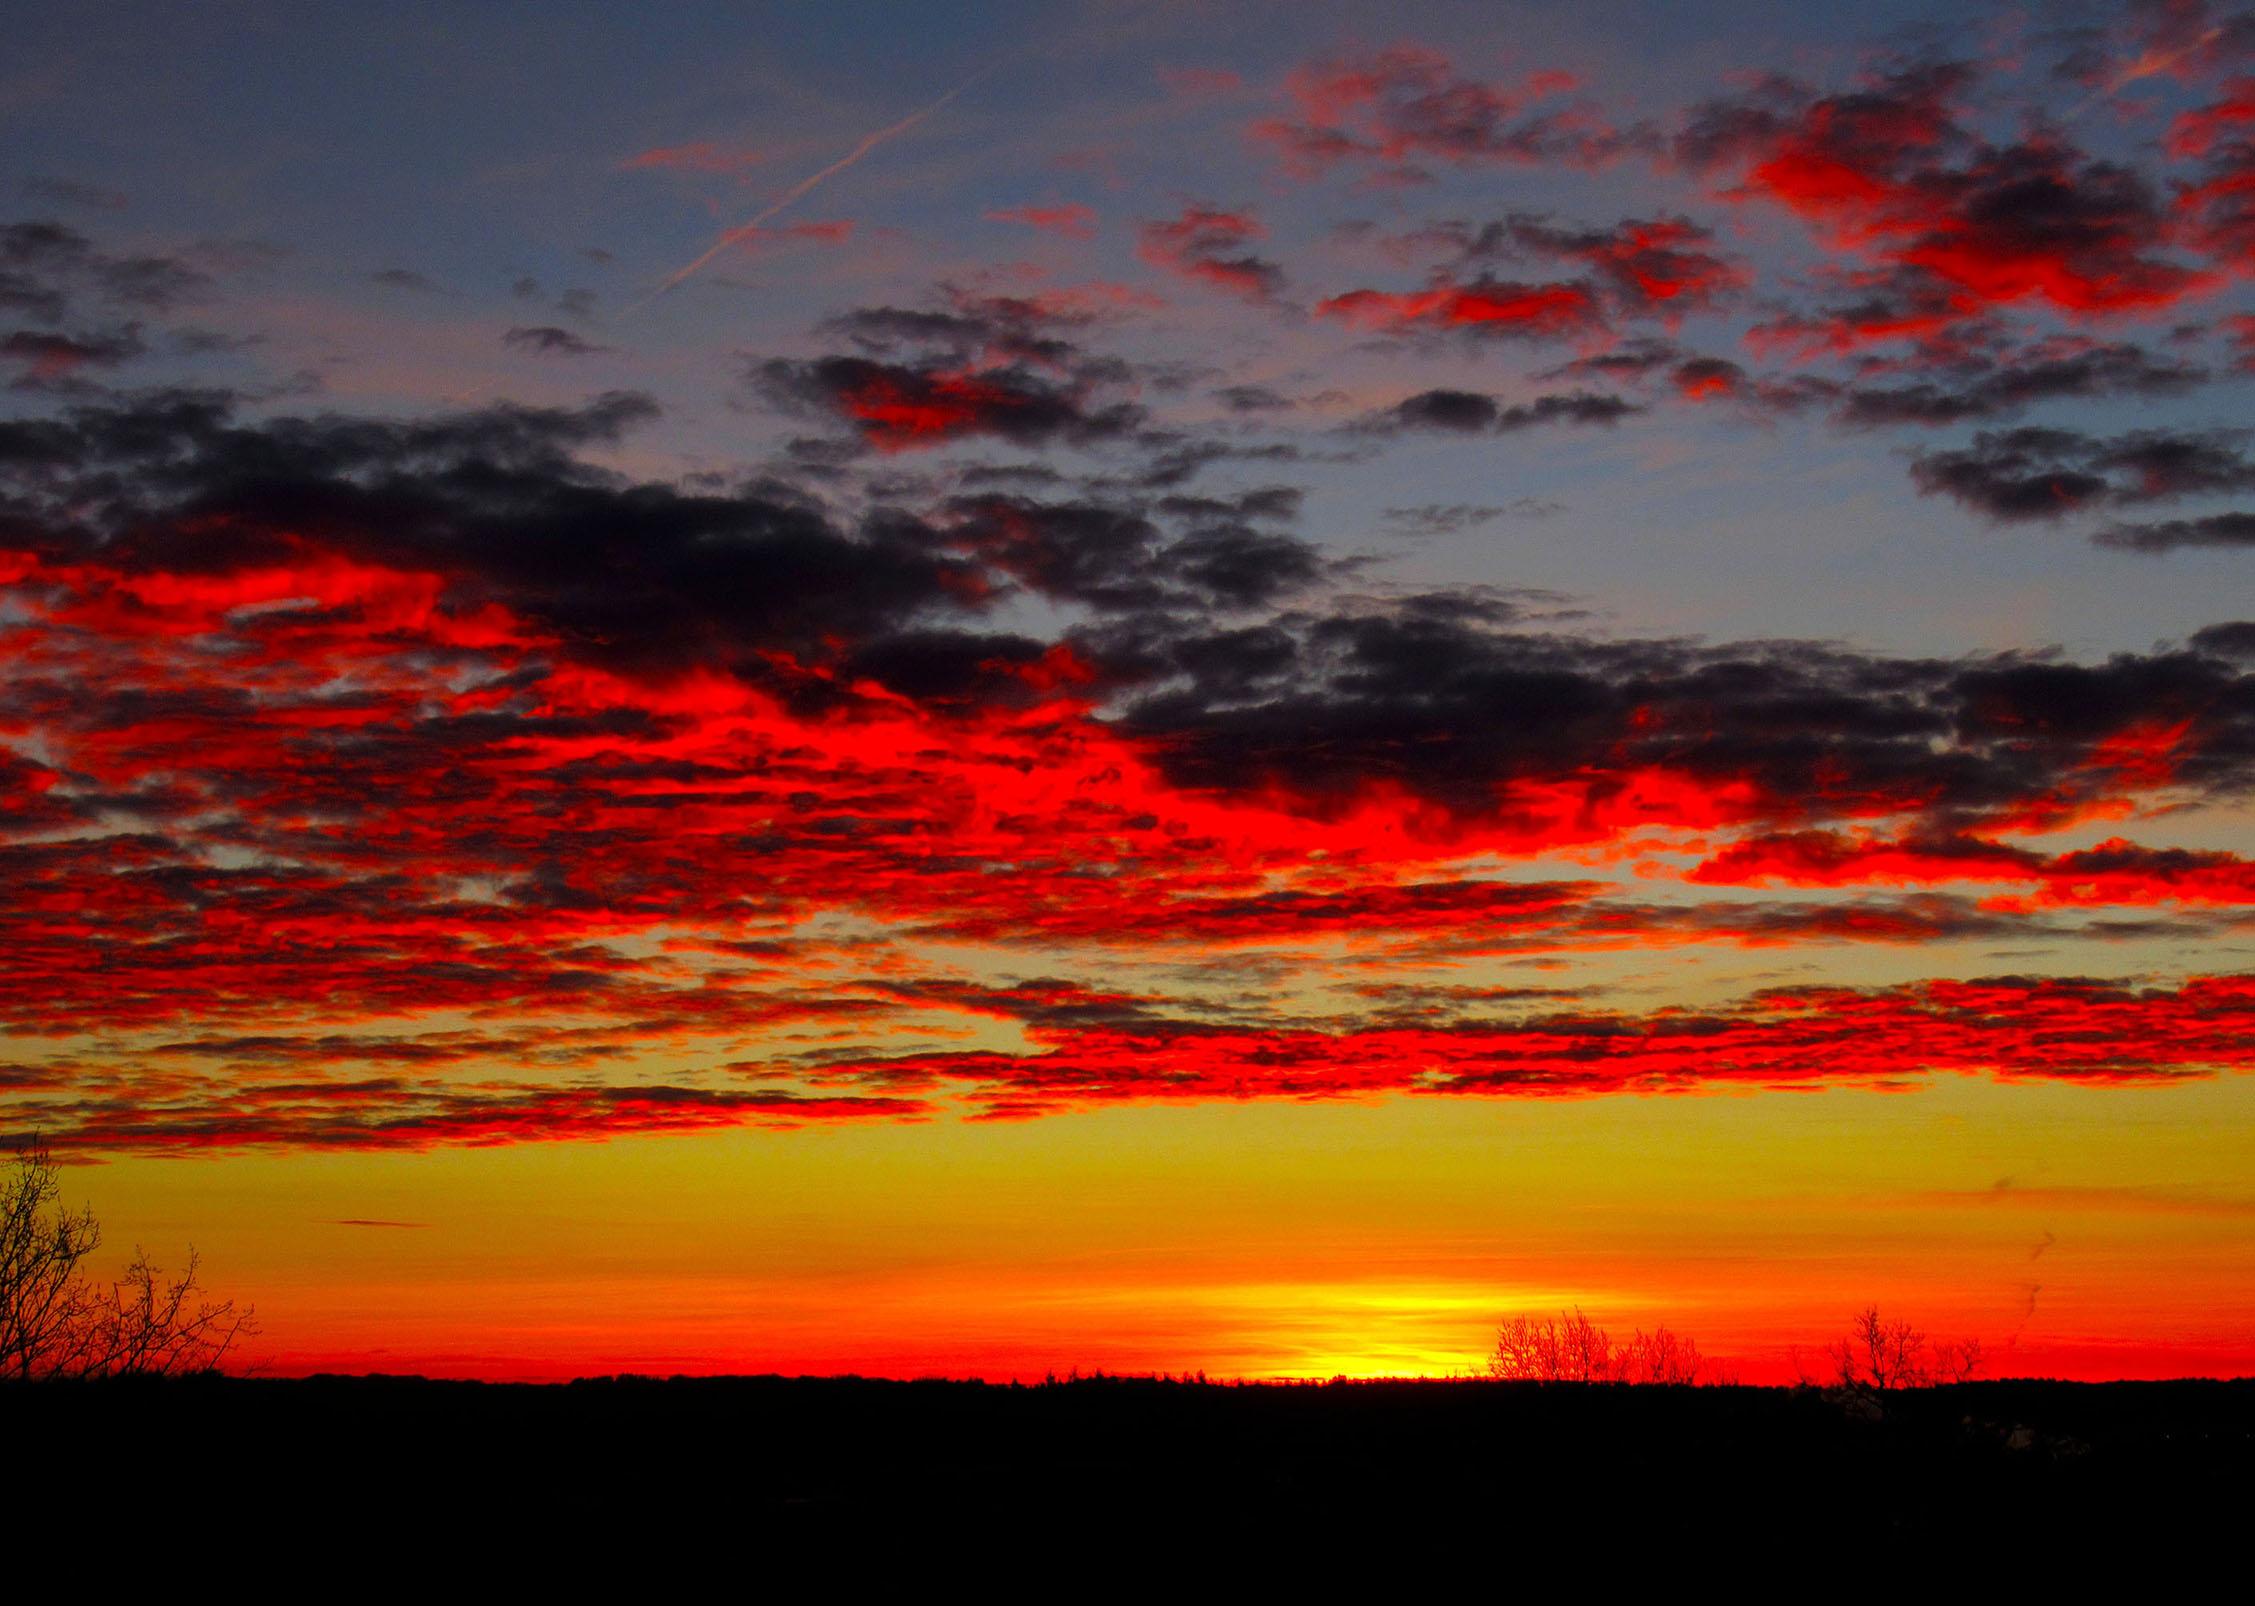 Een schitterende hemel tijdens het ochtendgloren - Foto: ©Louis Fraanje